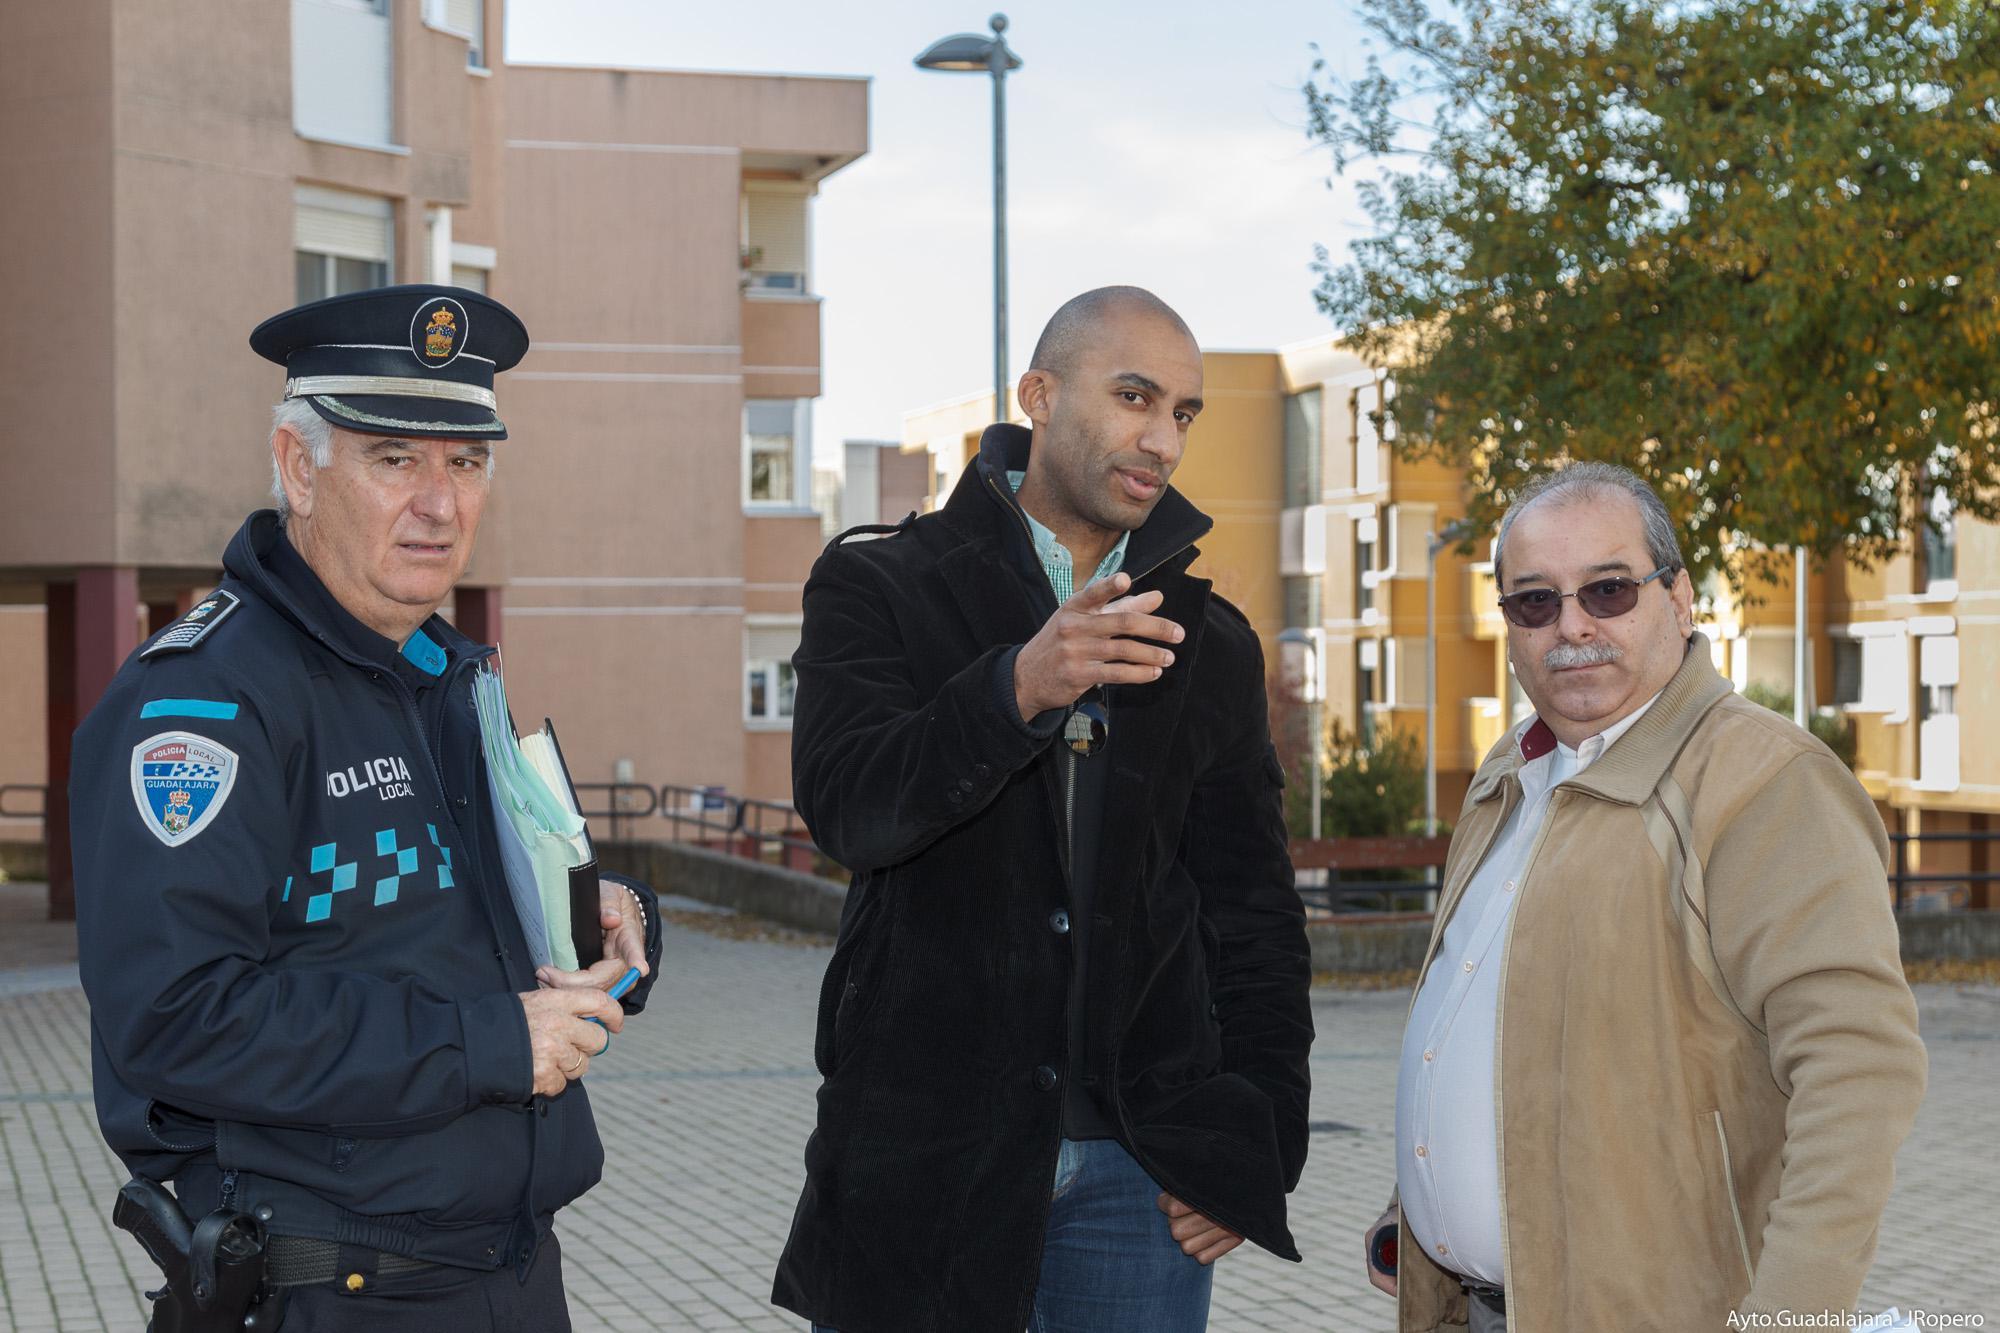 El concejal de Seguridad visita La Rambla y Escritores, junto con los representantes vecinales